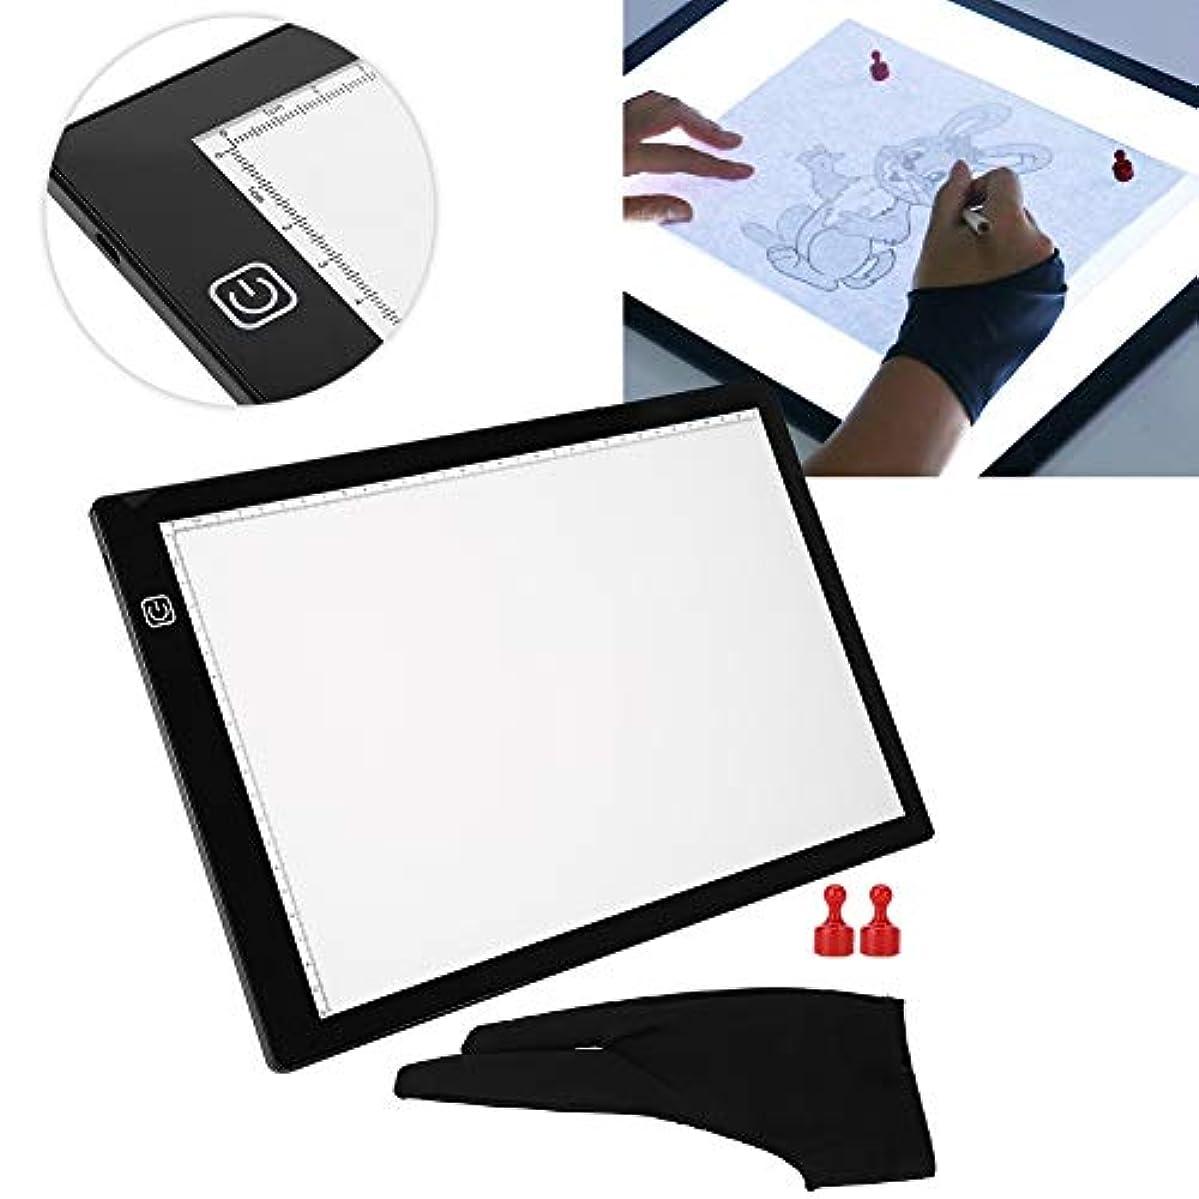 へこみラベンダーダムLEDライトボックス絵画型板 USB コピーパッド 生気に満ちた ライトテーブルのデッサンA4 - アニメーション、コピーのデッサン、生気、スケッチ、型板のため